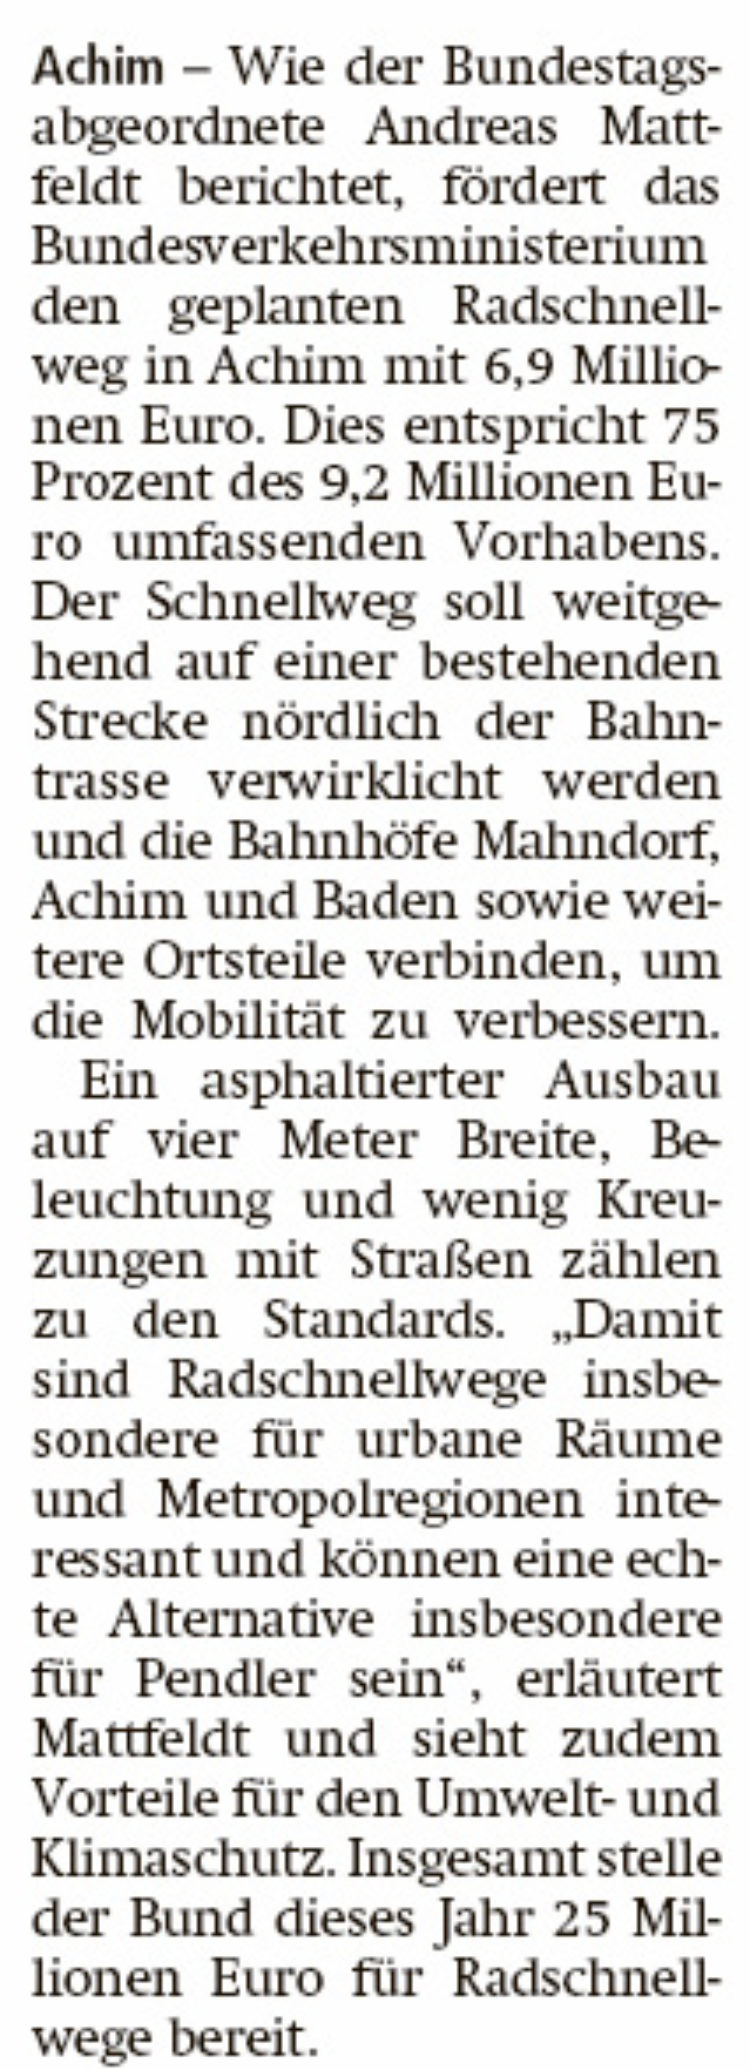 Bund fördert Radschnellweg